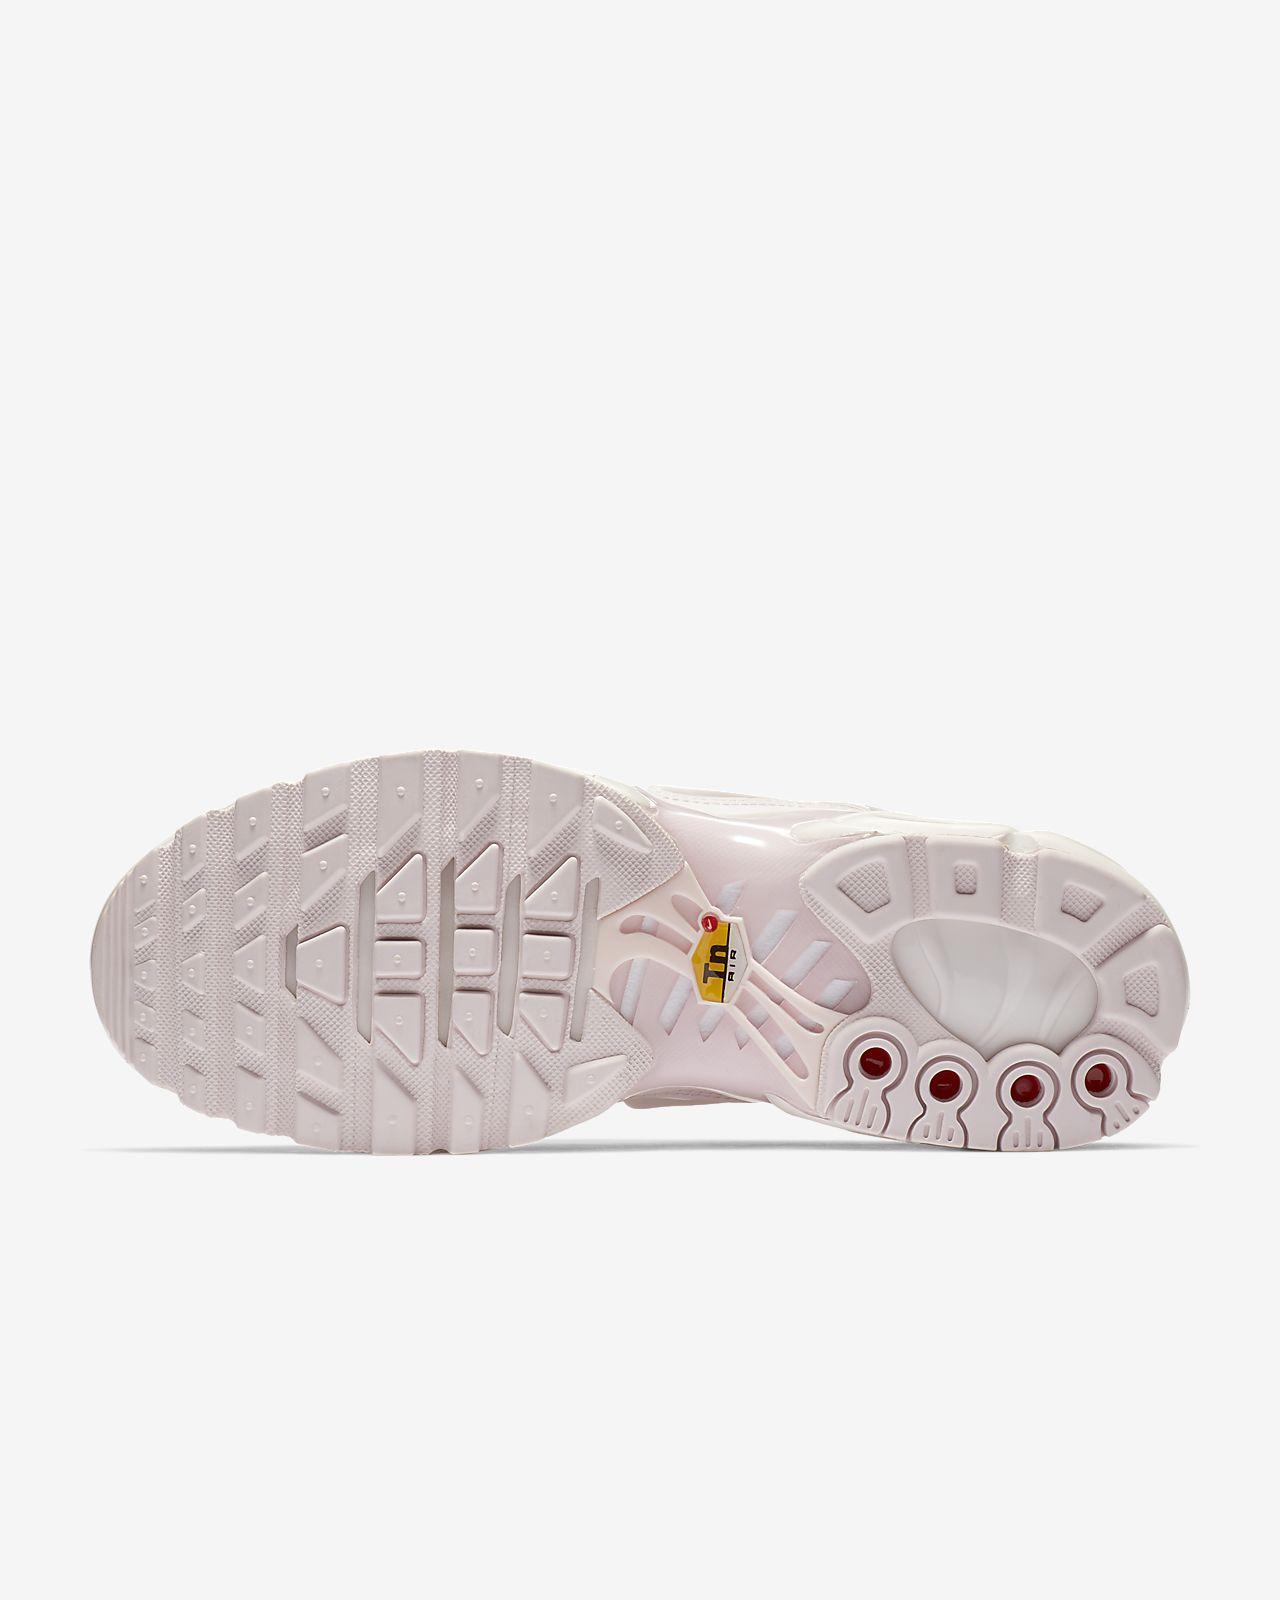 4efcfaa34 Tn Plus Femme Ca Max Chaussure Air Nike Pour Se qw0H0IftB